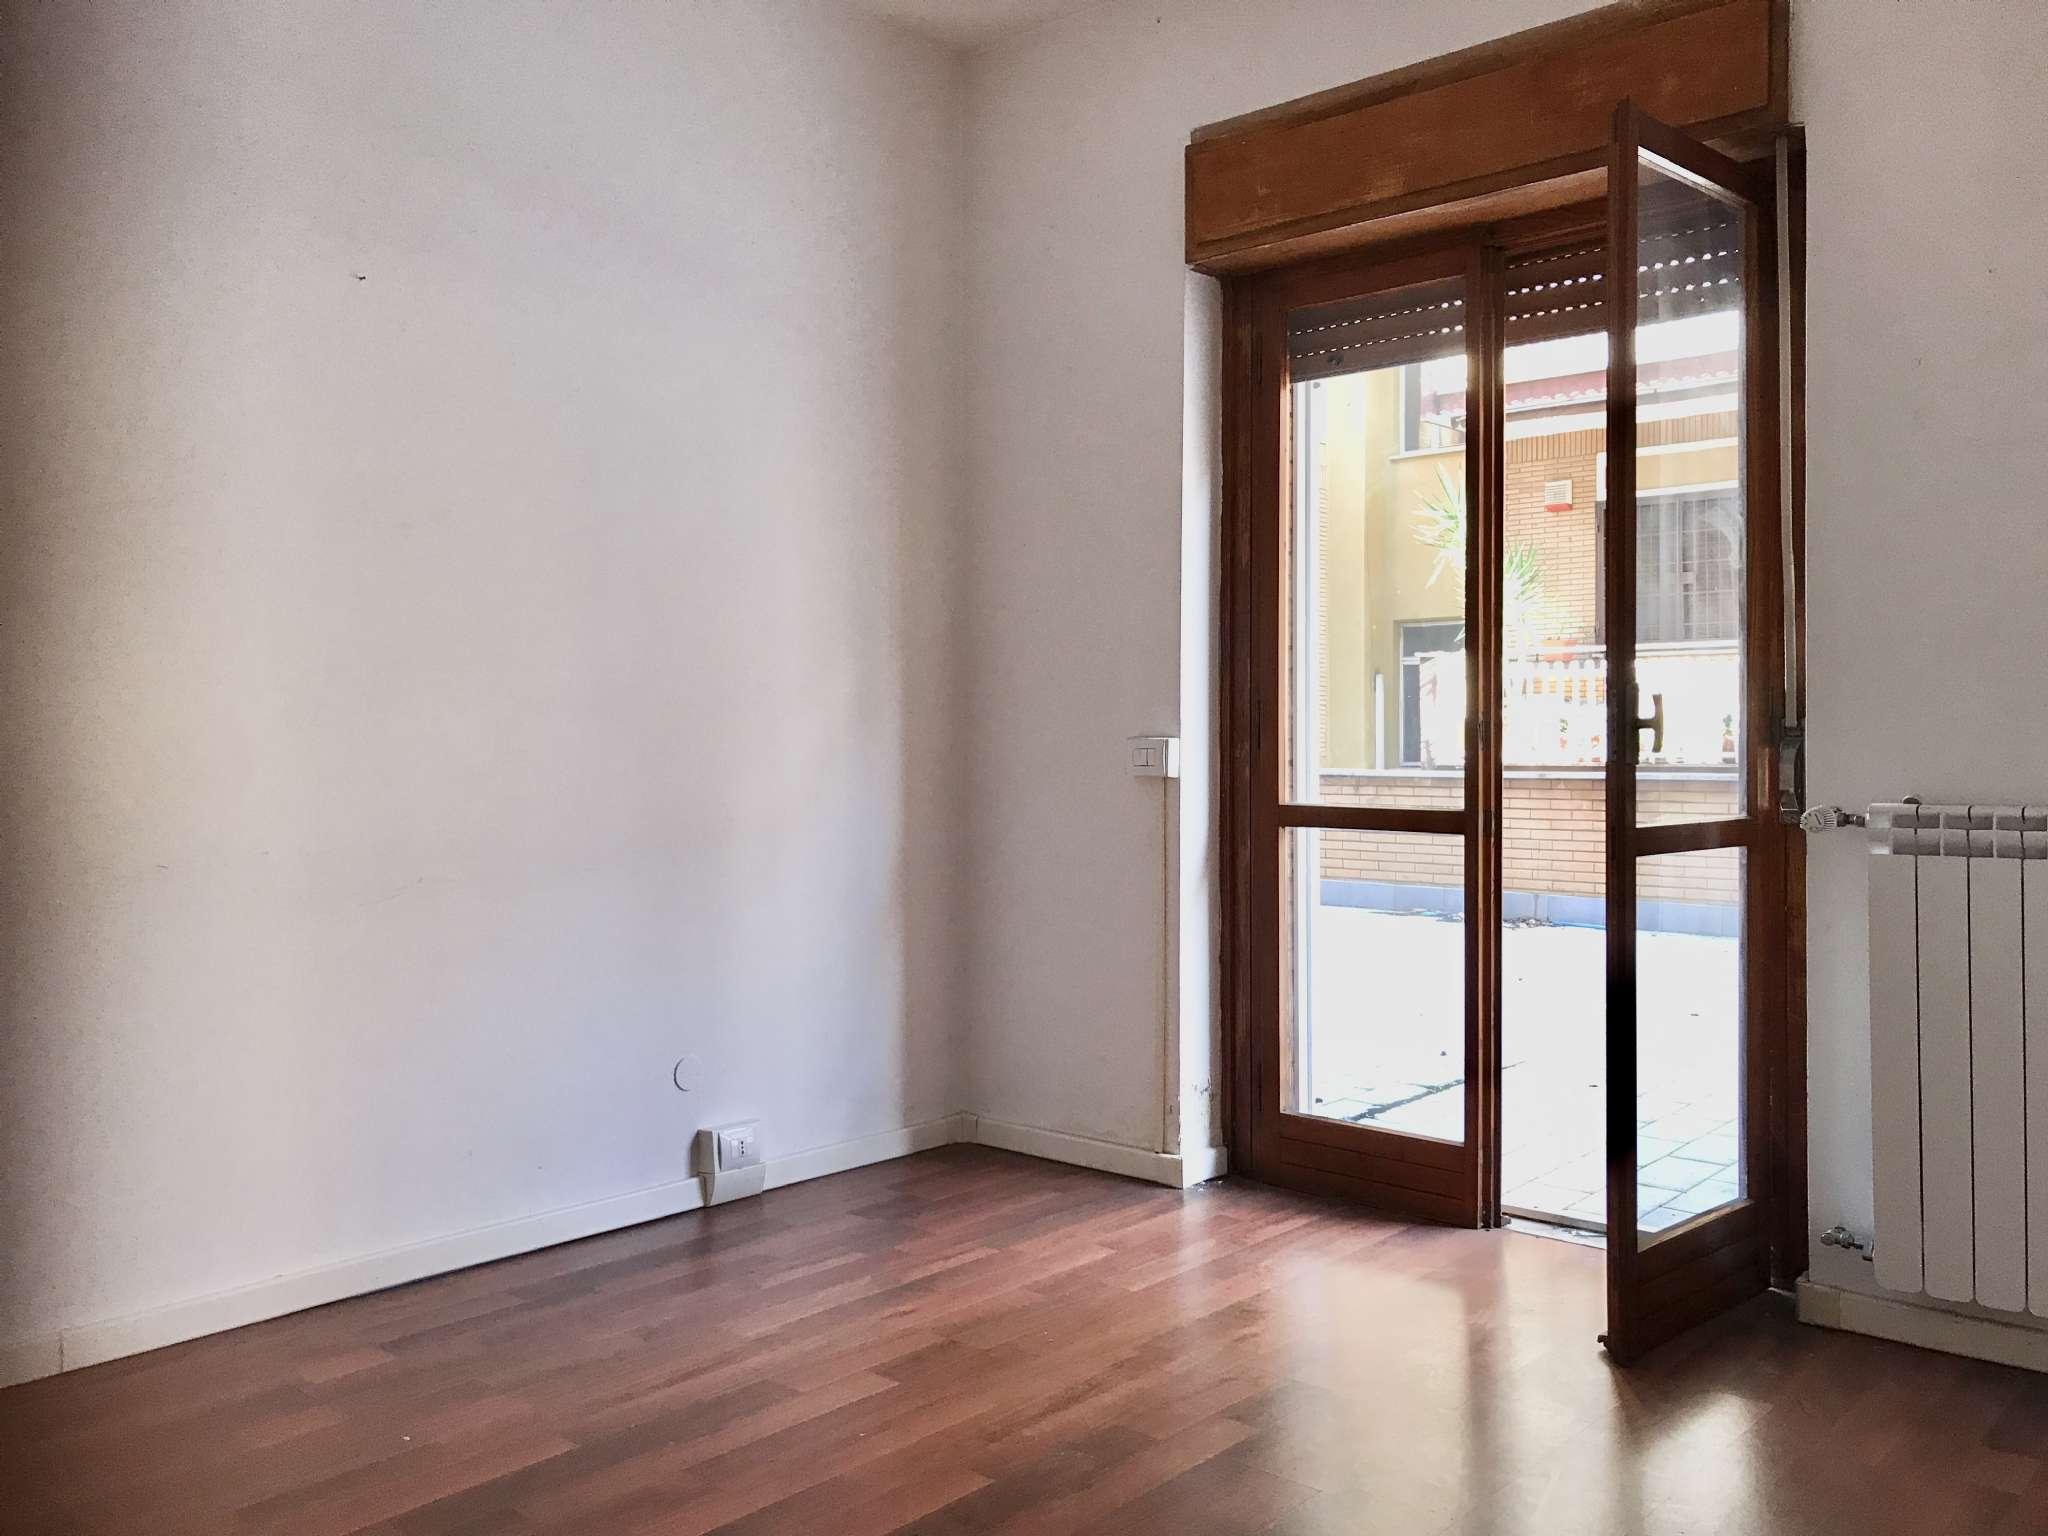 Appartamento in vendita a Ciampino, 3 locali, prezzo € 220.000 | PortaleAgenzieImmobiliari.it